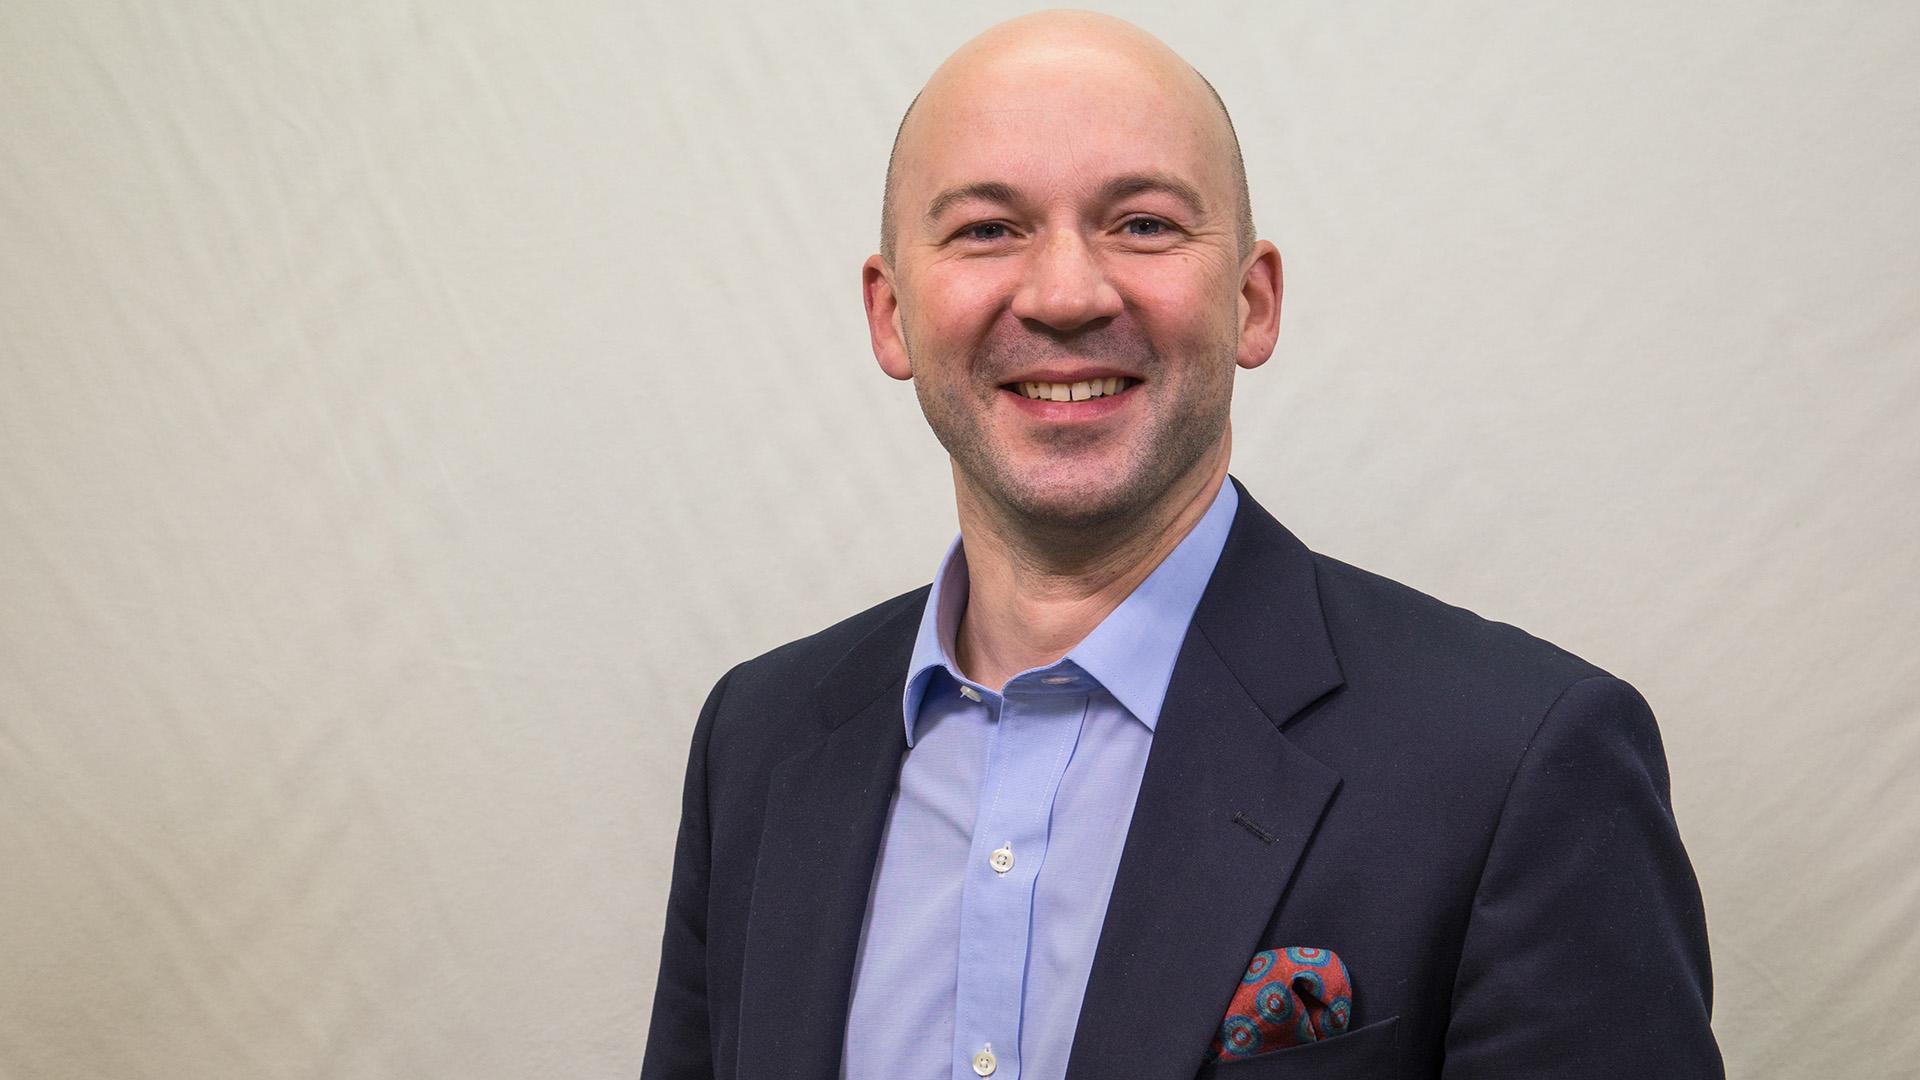 Der Leiter der Evangelischen Nachrichtenagentur idea, Matthias Pankau, will vor dem biblischen Hintergrund die Wirklichkeit abbilden